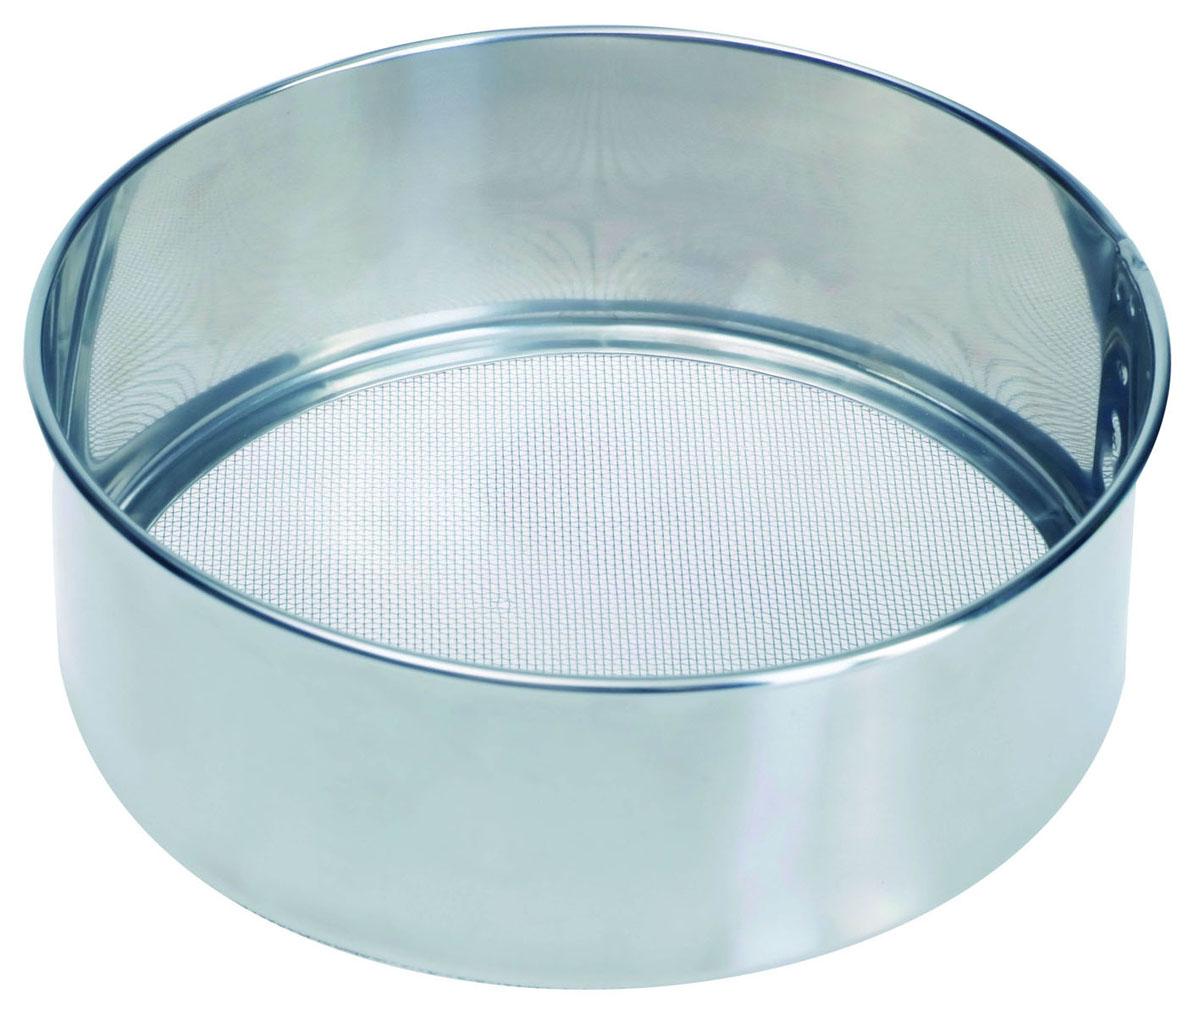 Сито Pronto. Диаметр 16 см сито regent inox pronto с пластиковой ручкой диаметр 12 5 см